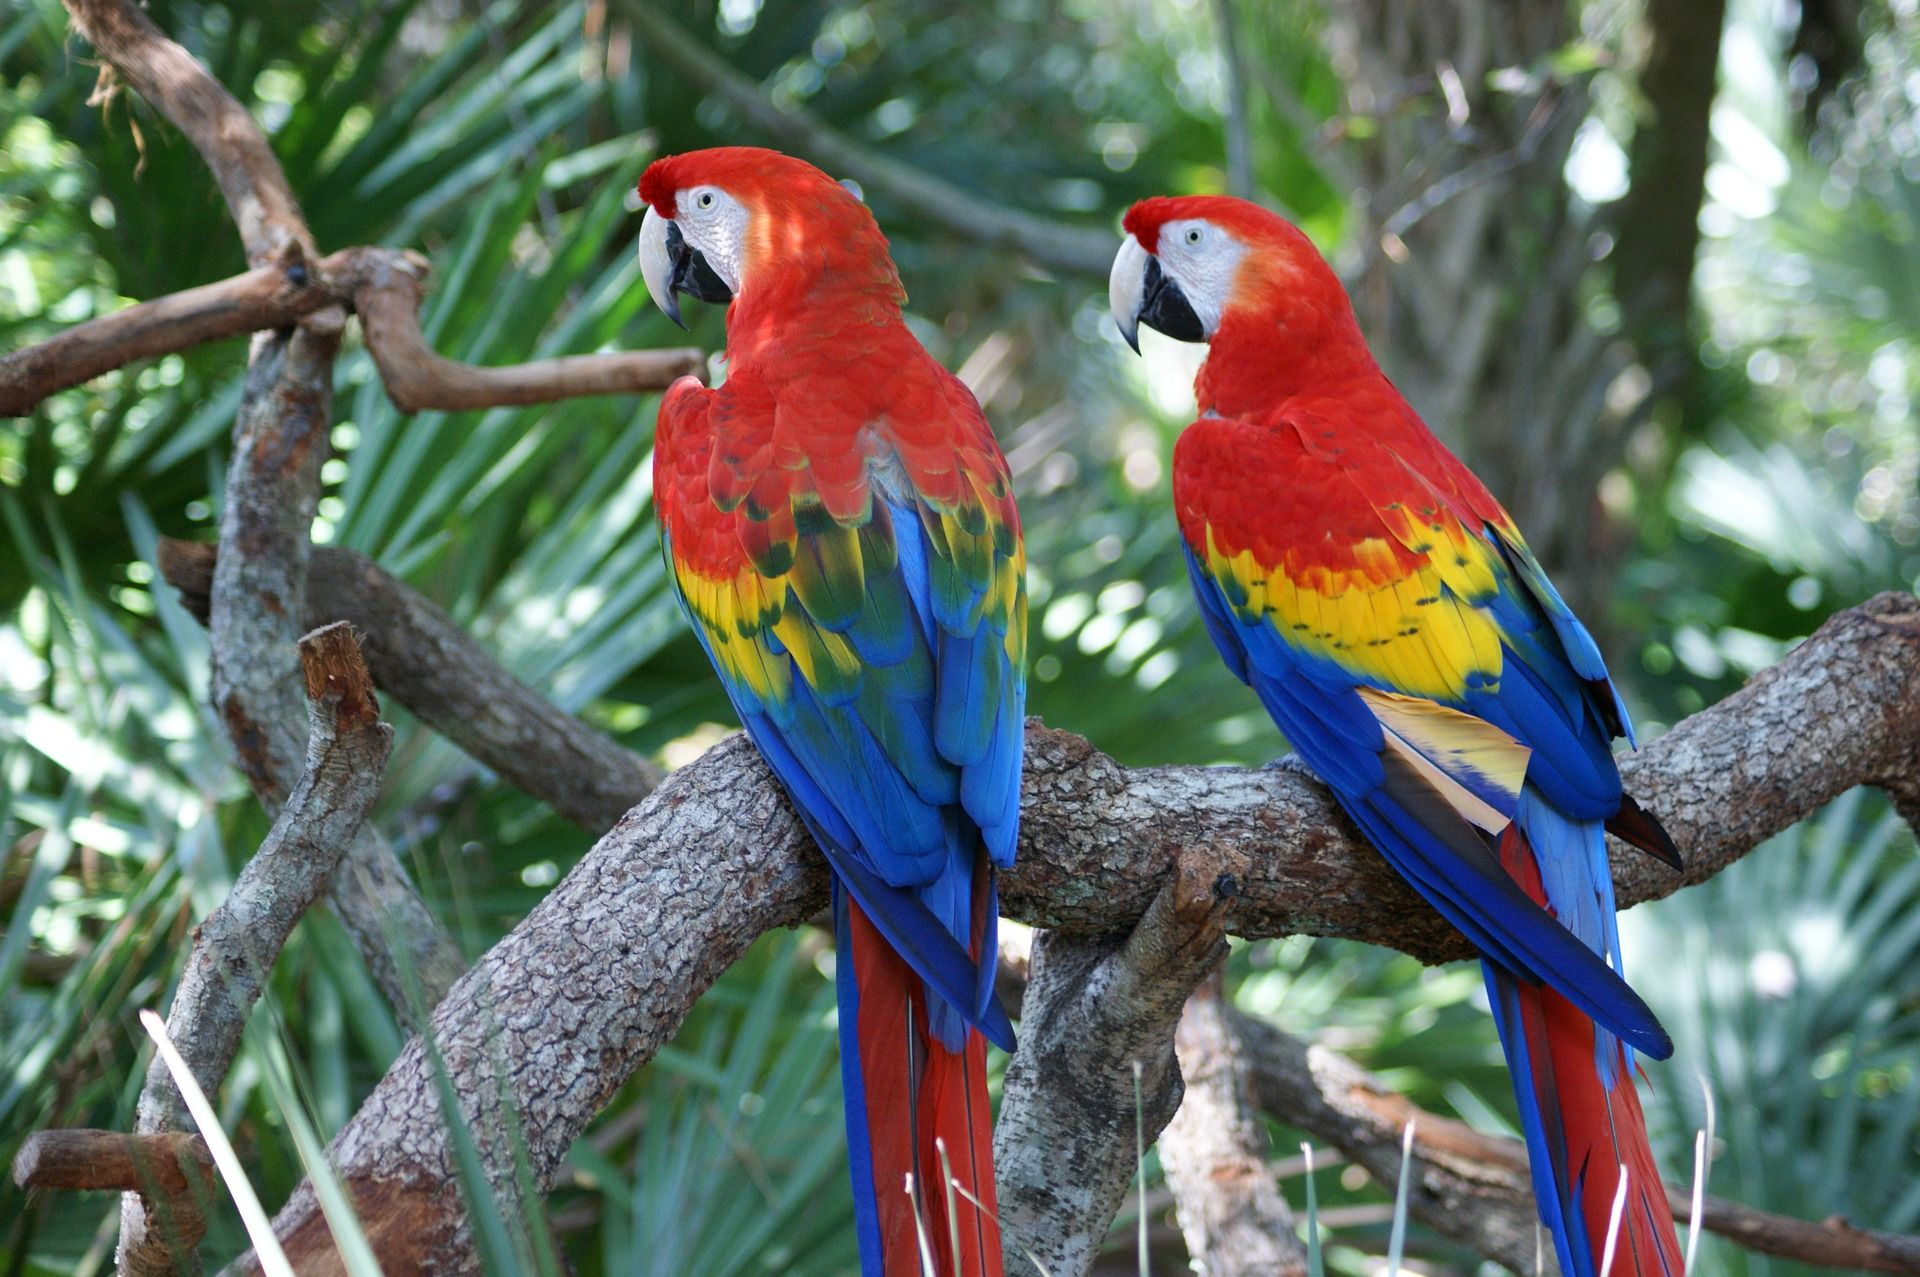 Оригинальное фото двух красных попугаев